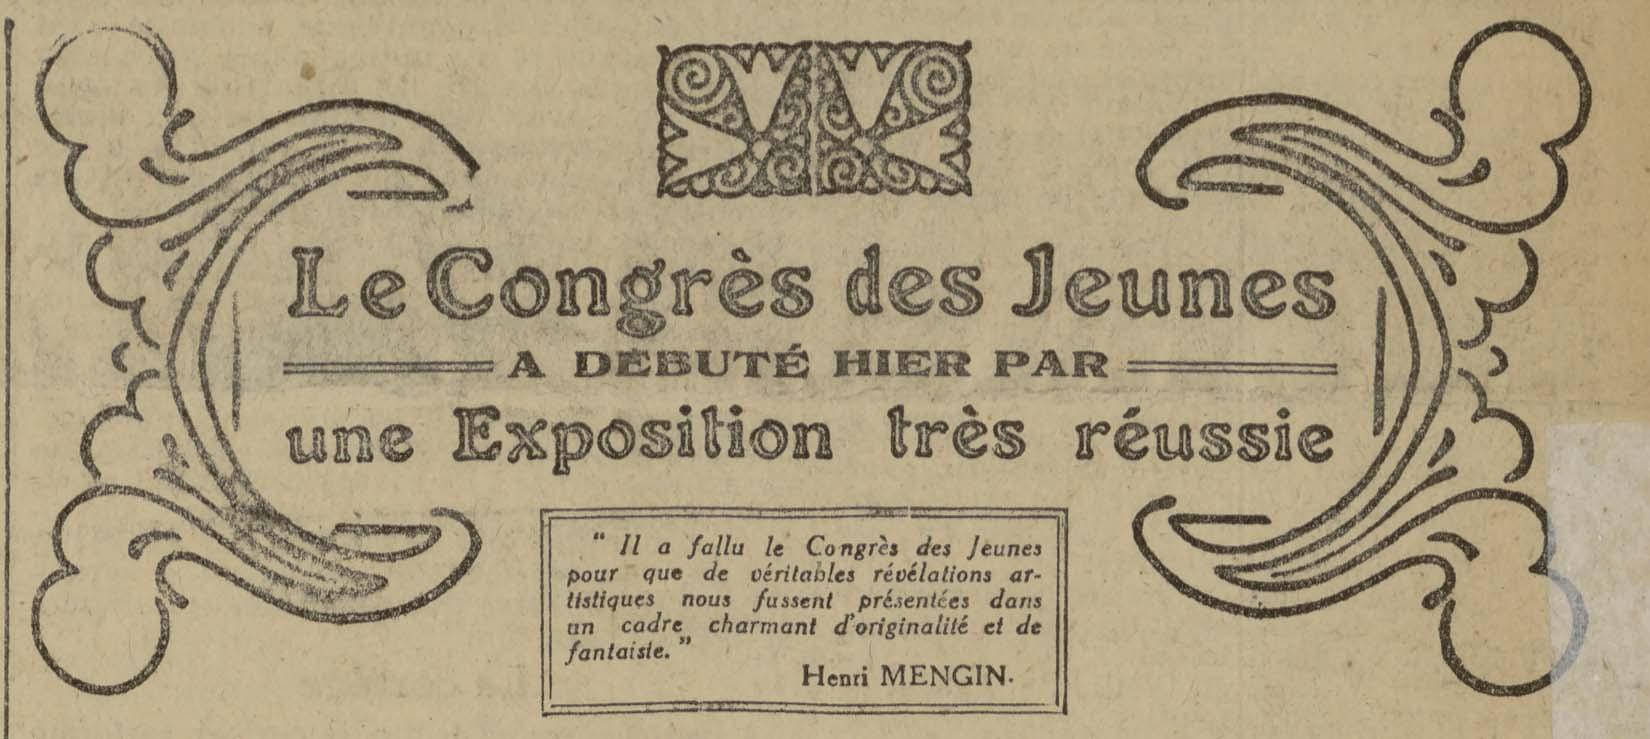 Contenu du Le congrès des jeunes de 1920 à Nancy